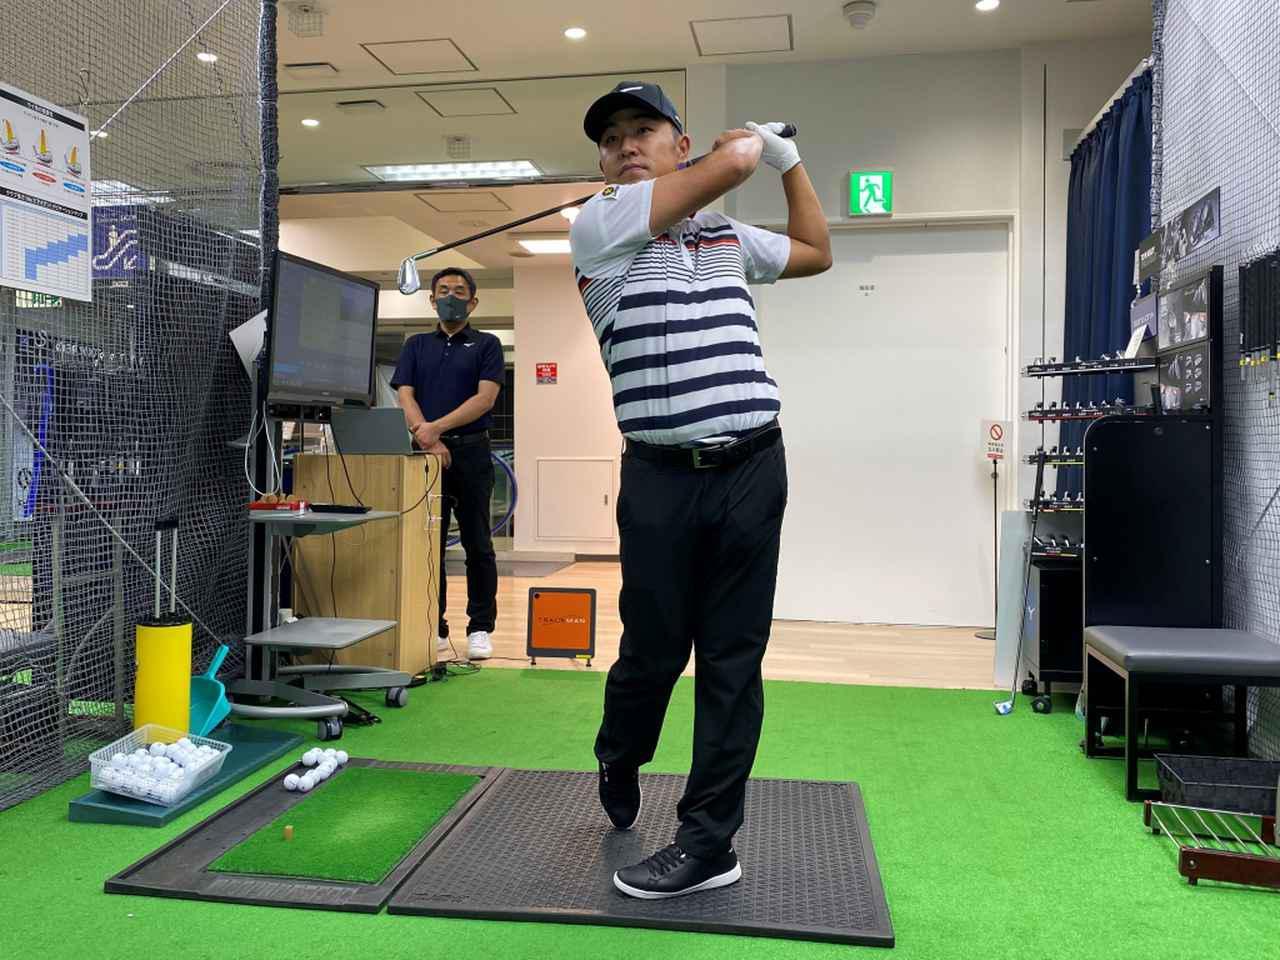 画像: プロゴルファー・時松隆光が「ミズノパフォーマンスフィッティングシステム」を実際に体験した(画像提供/ミズノ)